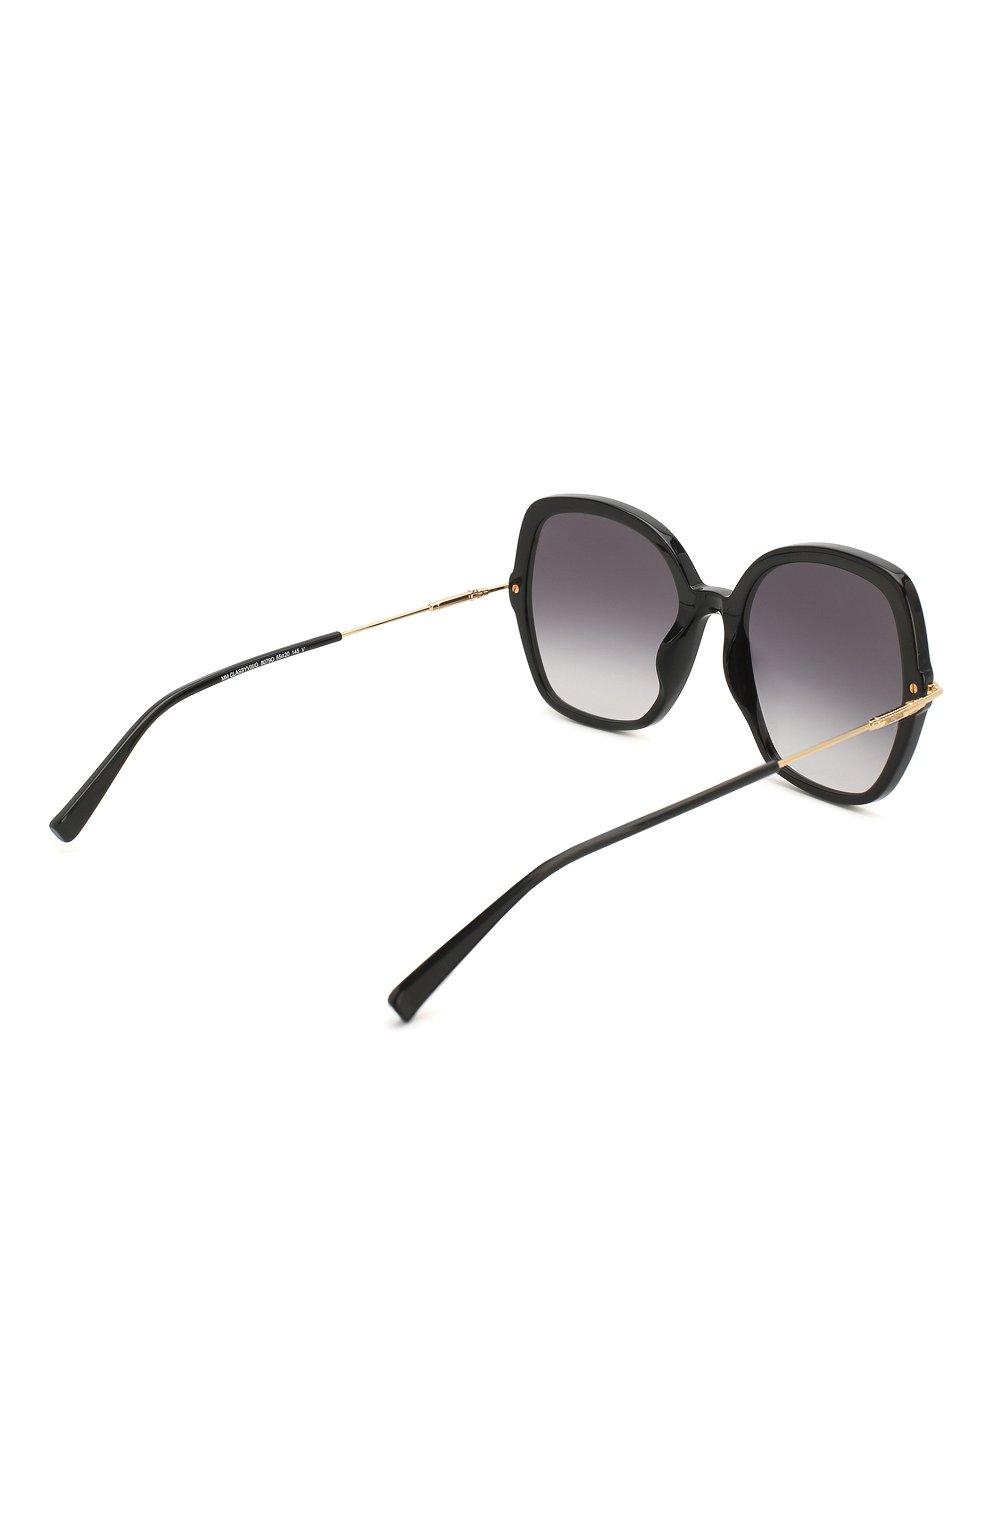 Женские солнцезащитные очки MAX MARA черного цвета, арт. CLASSYVIII/G 807 | Фото 4